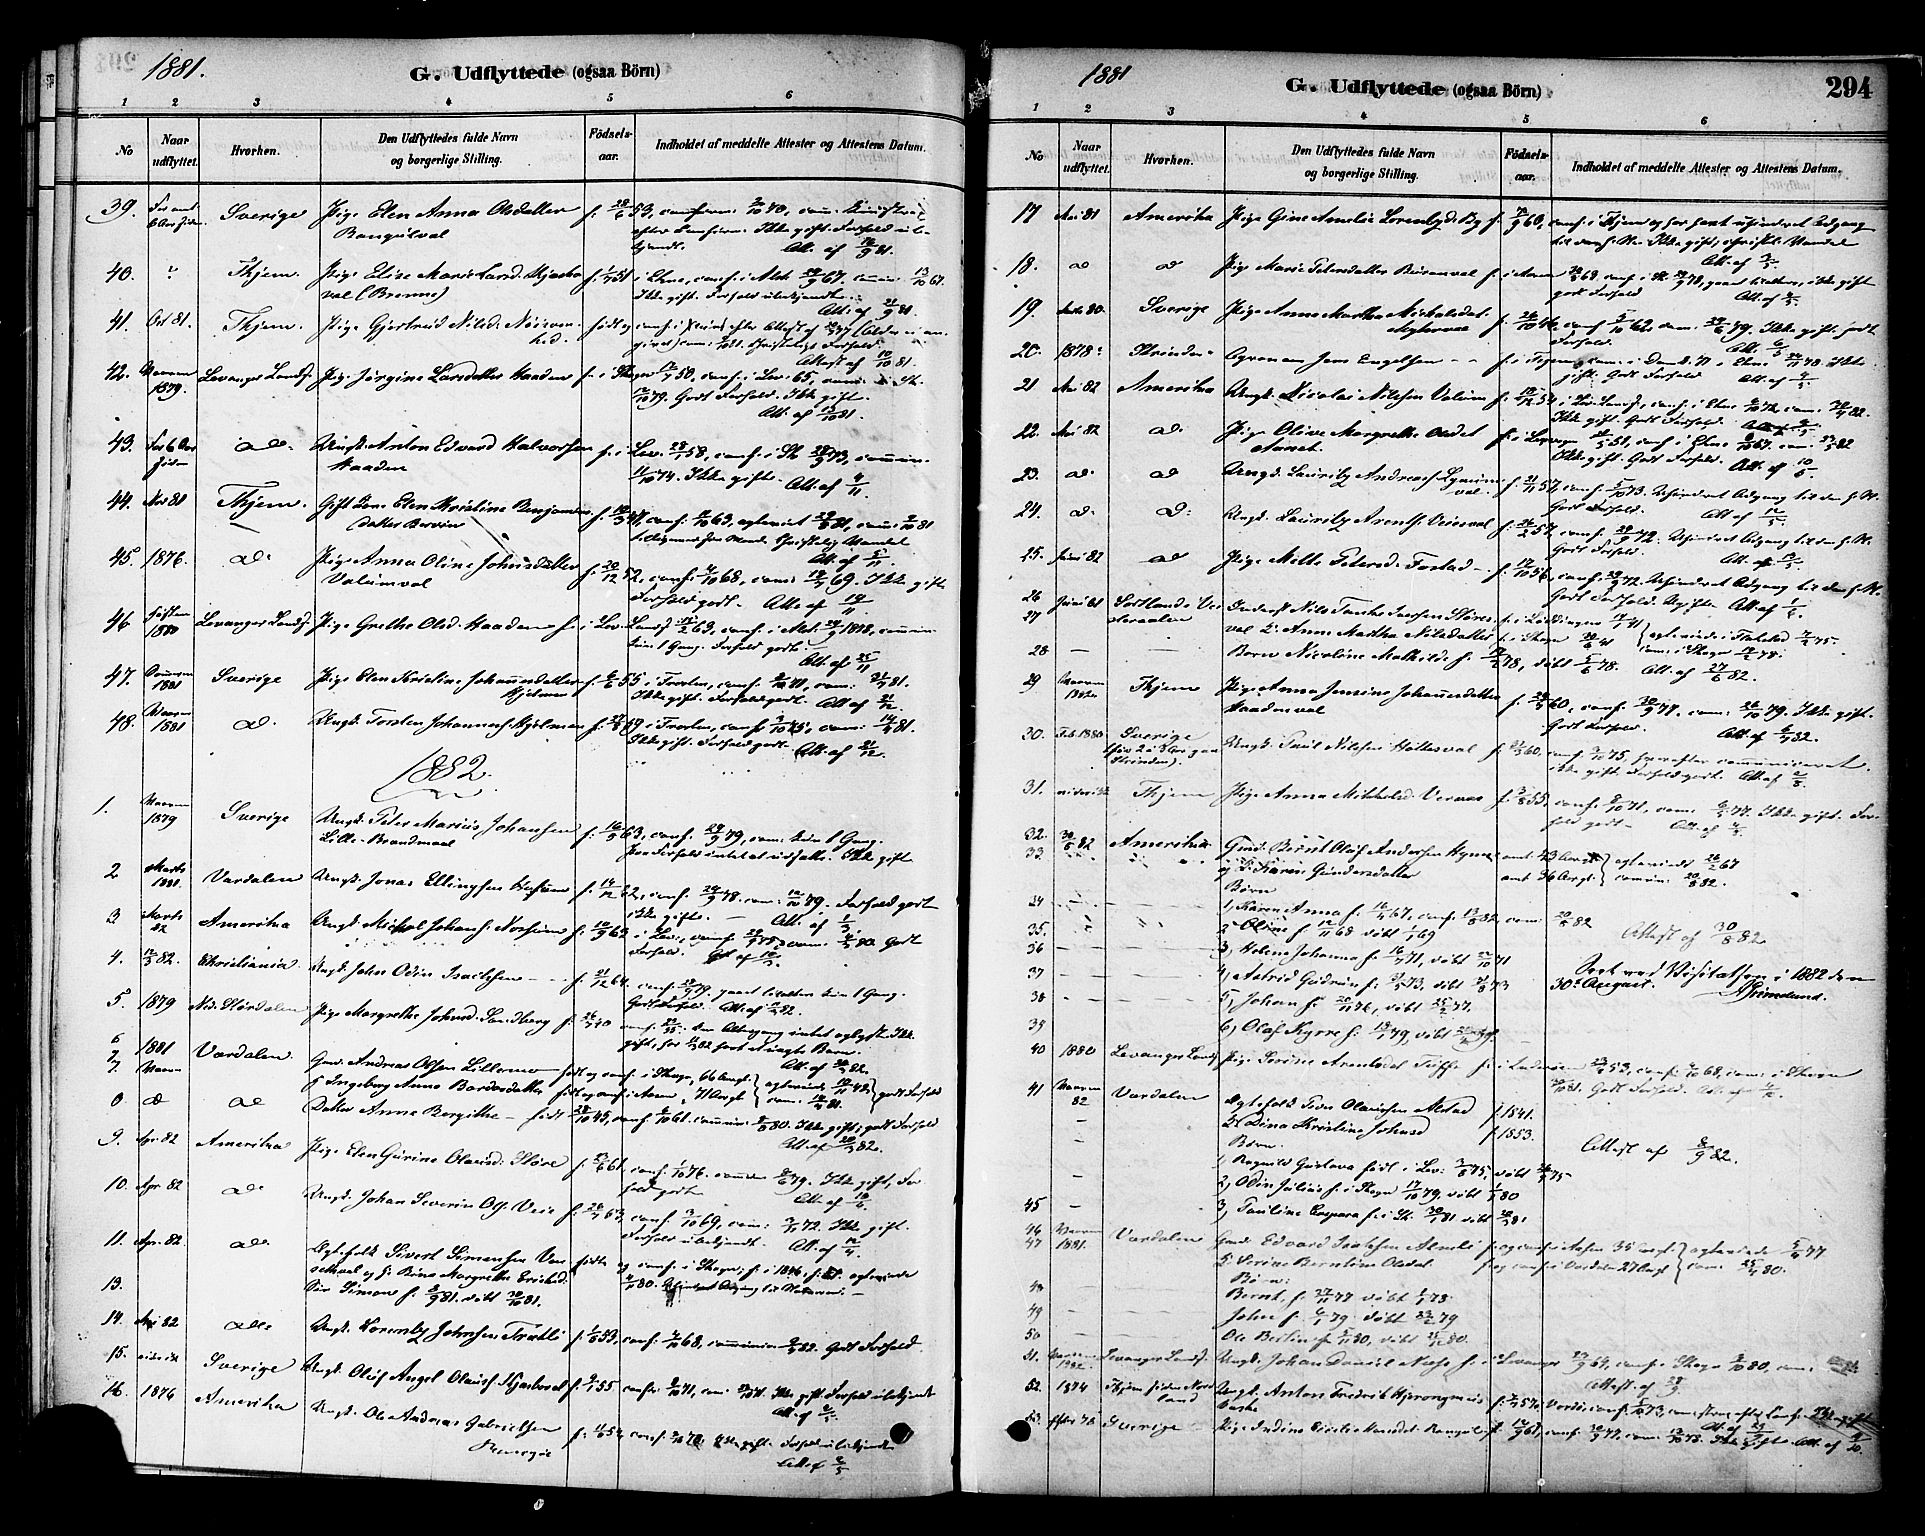 SAT, Ministerialprotokoller, klokkerbøker og fødselsregistre - Nord-Trøndelag, 717/L0159: Ministerialbok nr. 717A09, 1878-1898, s. 294